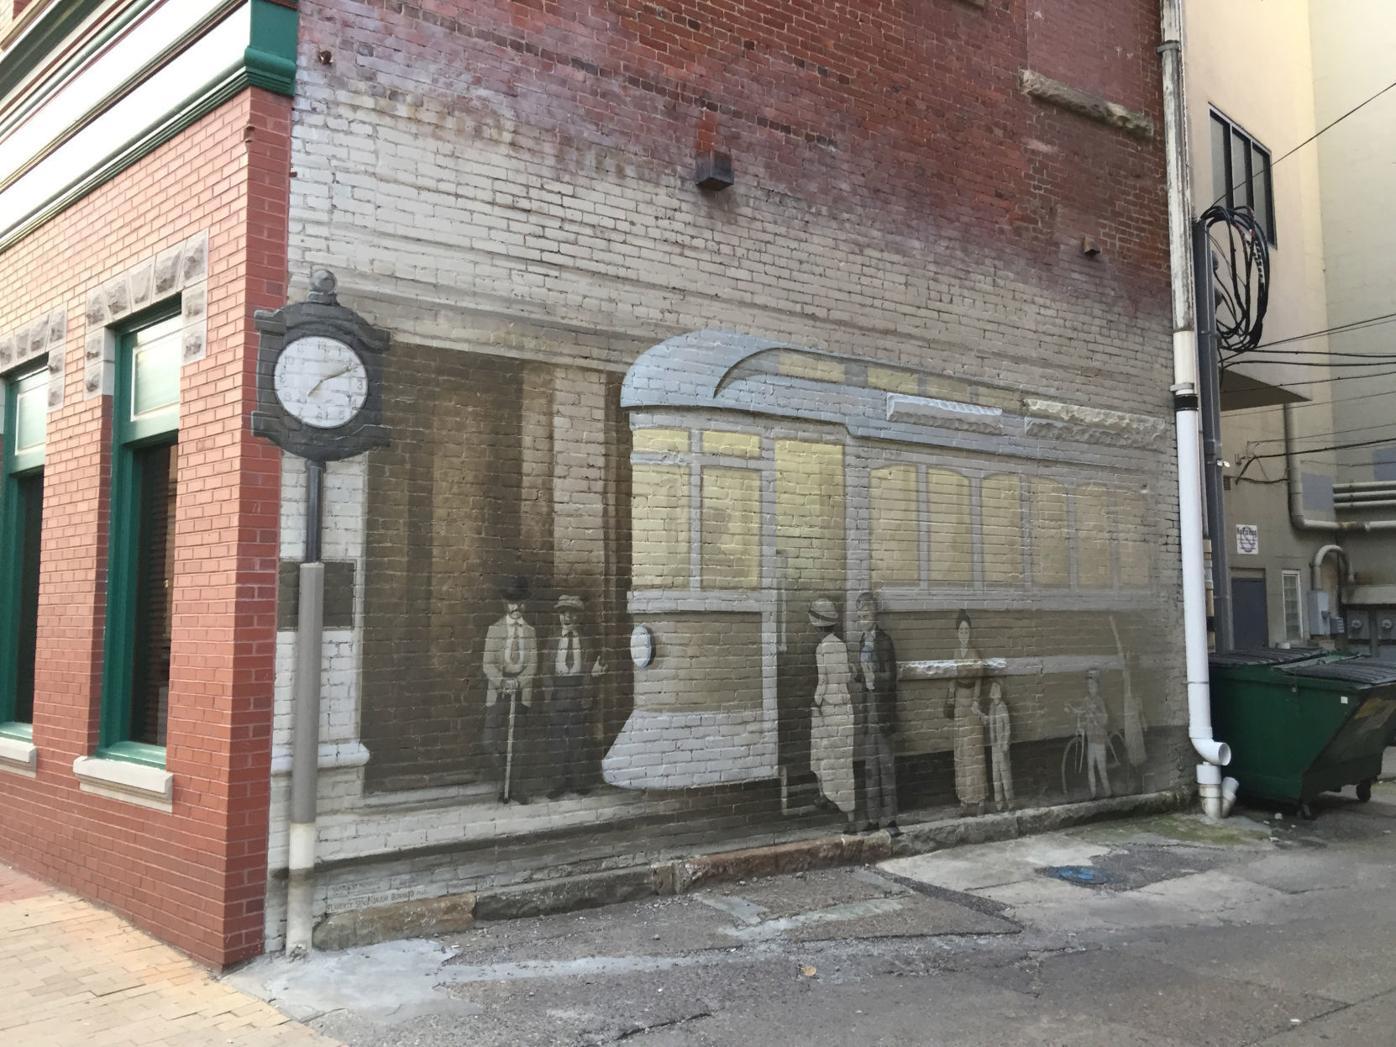 Flaherty mural